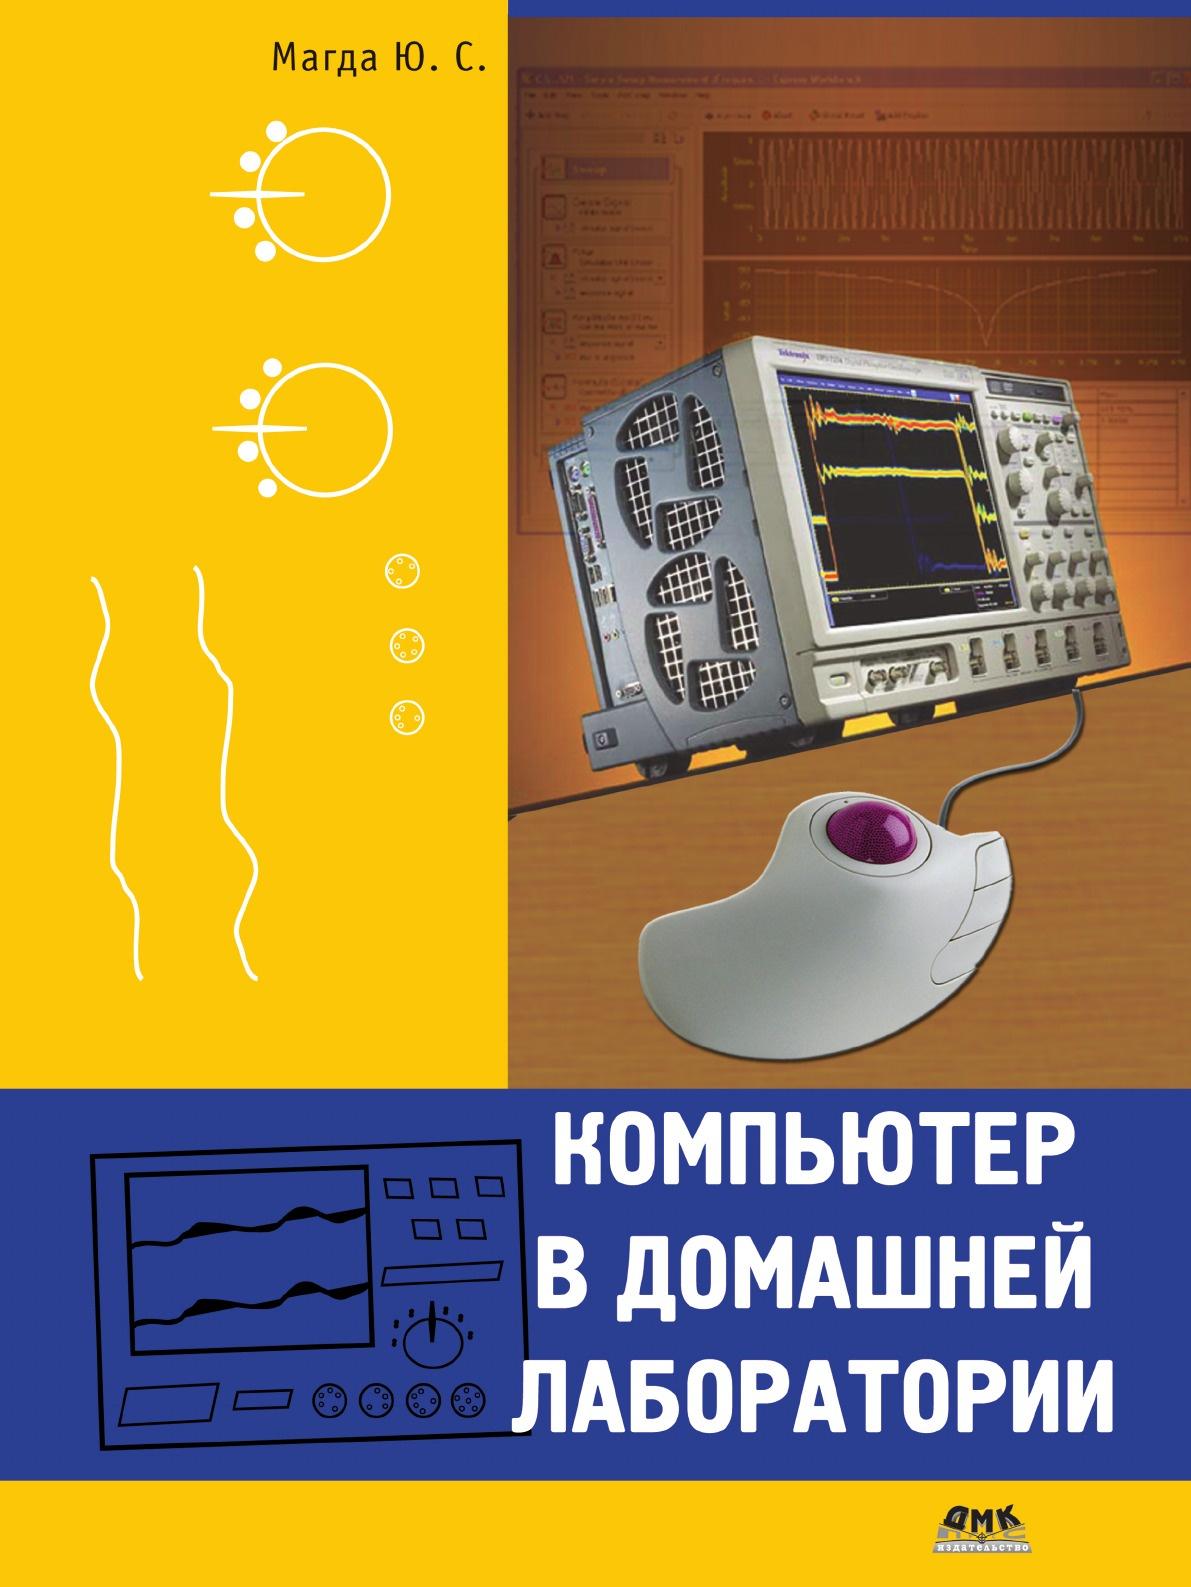 Ю.С. Магда Компьютер в домашней лаборатории